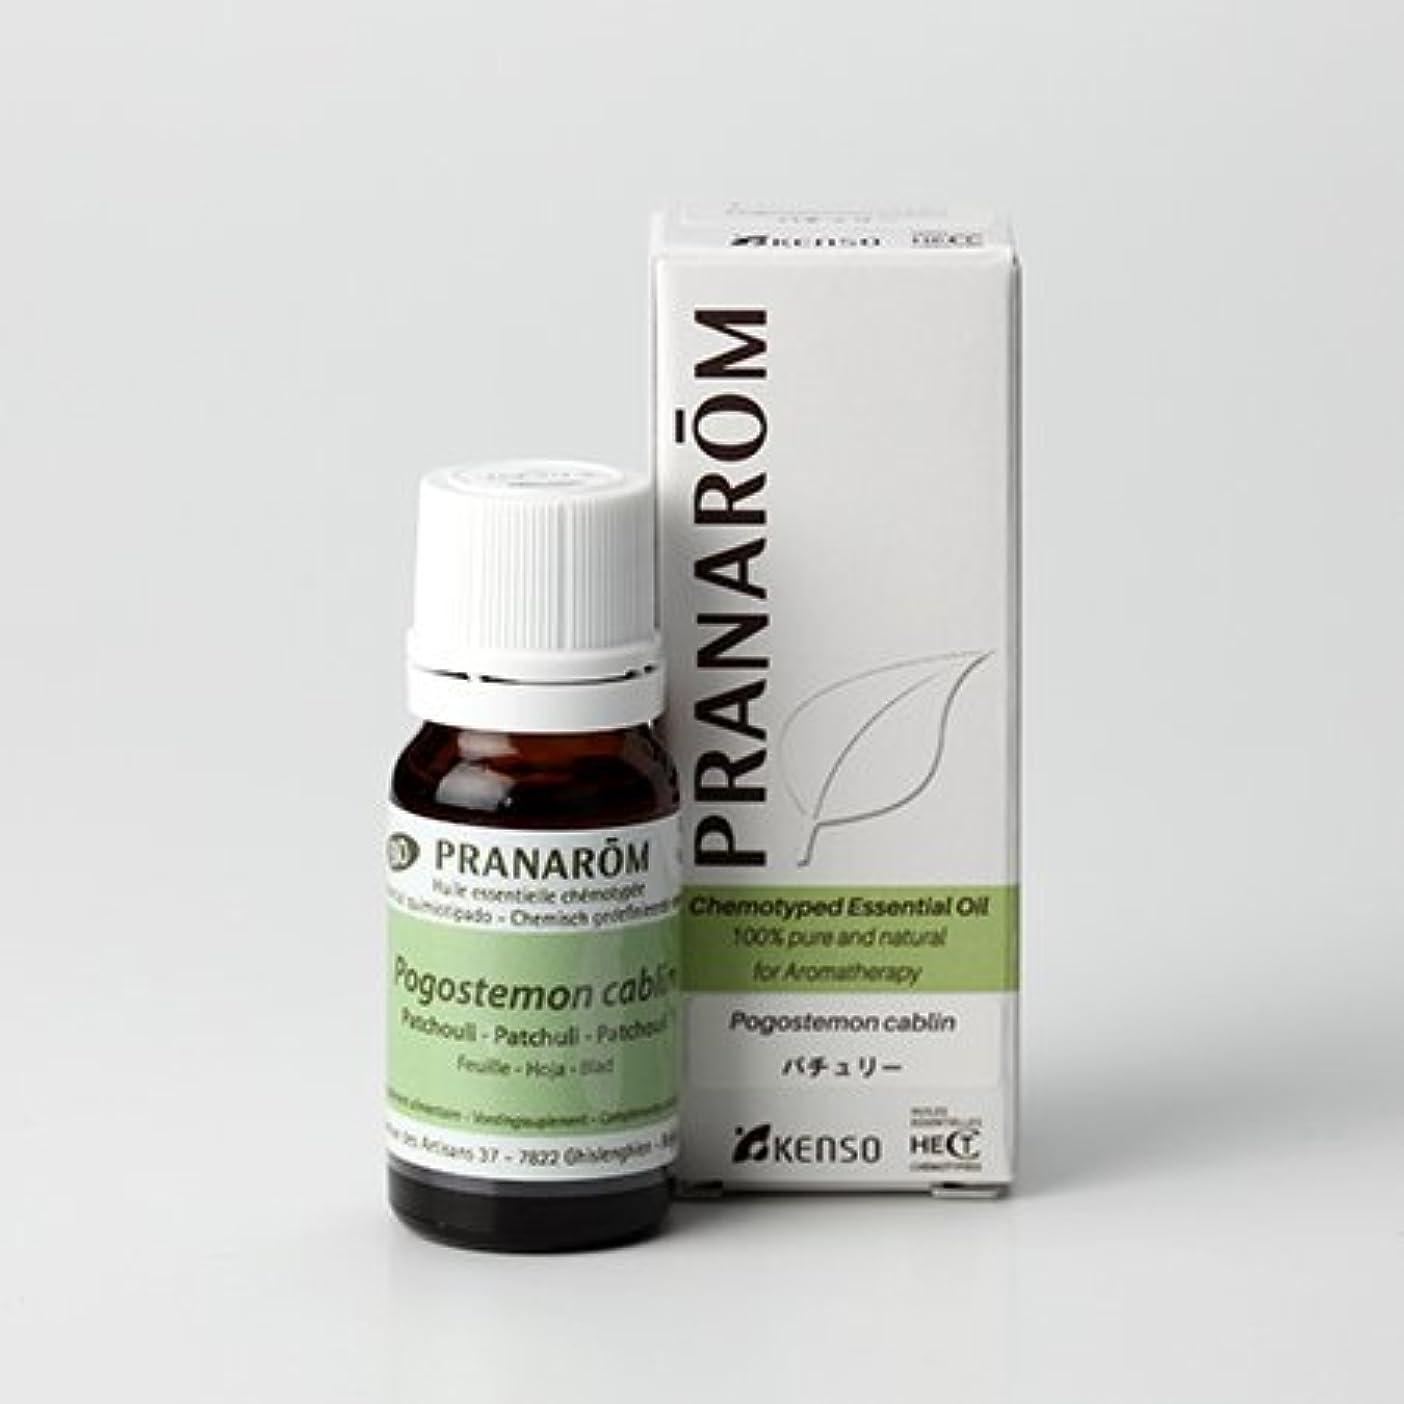 保全パネル【パチュリー 10ml】→甘いオリエンタルな香り?(リラックスハーブ系)[PRANAROM(プラナロム)精油/アロマオイル/エッセンシャルオイル]P-155